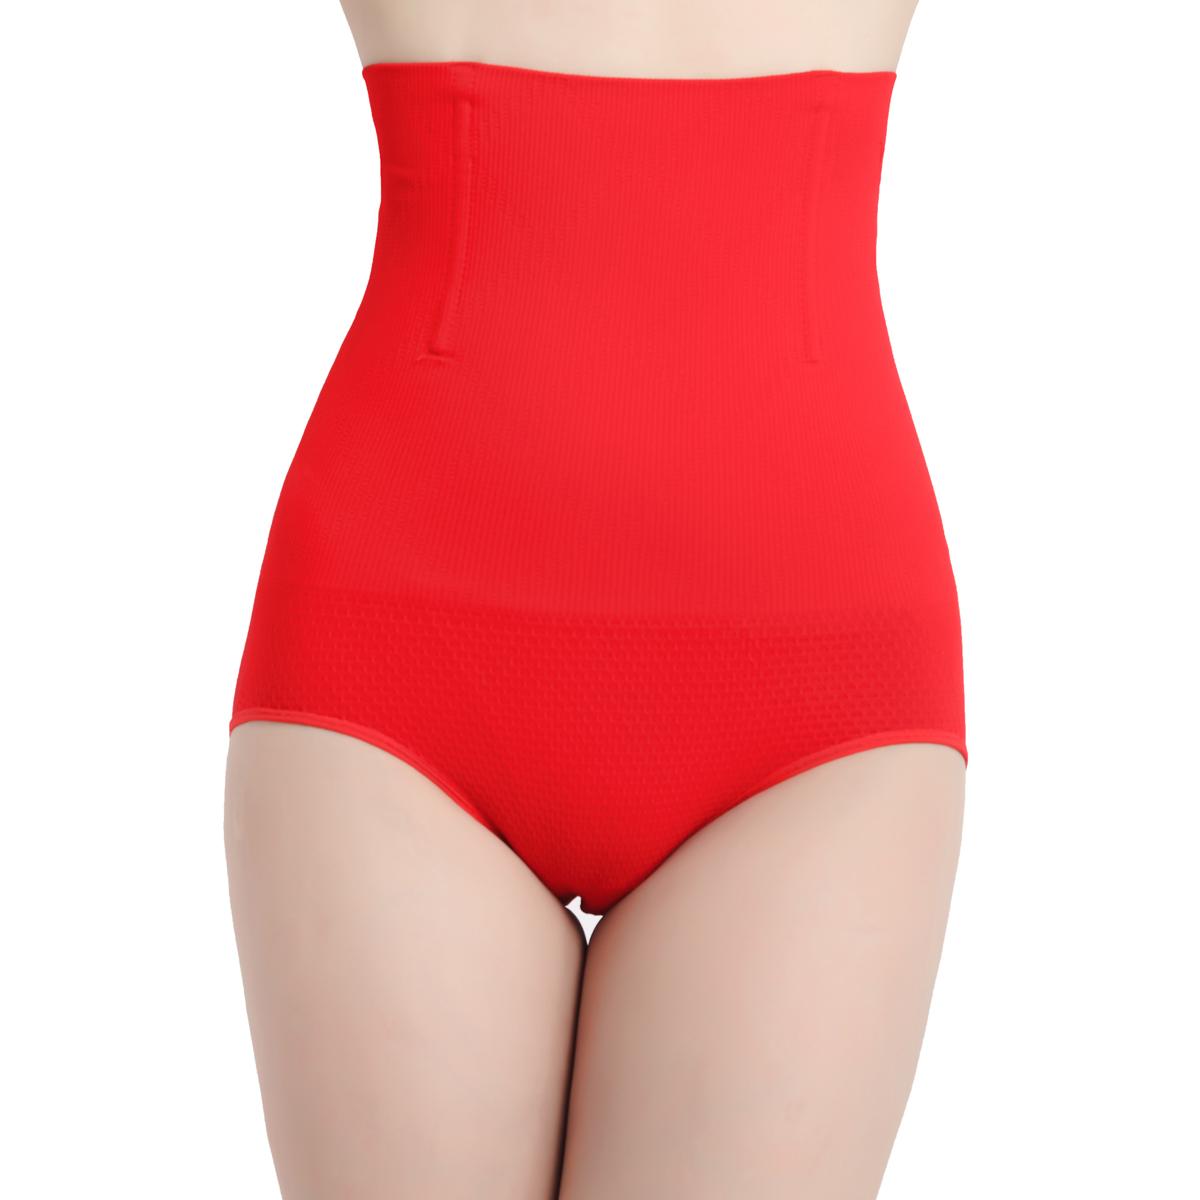 Ldquo . nsutite rdquo . high waist seamless abdomen drawing butt-lifting body shaping pants puerperal slim waist butt-lifting